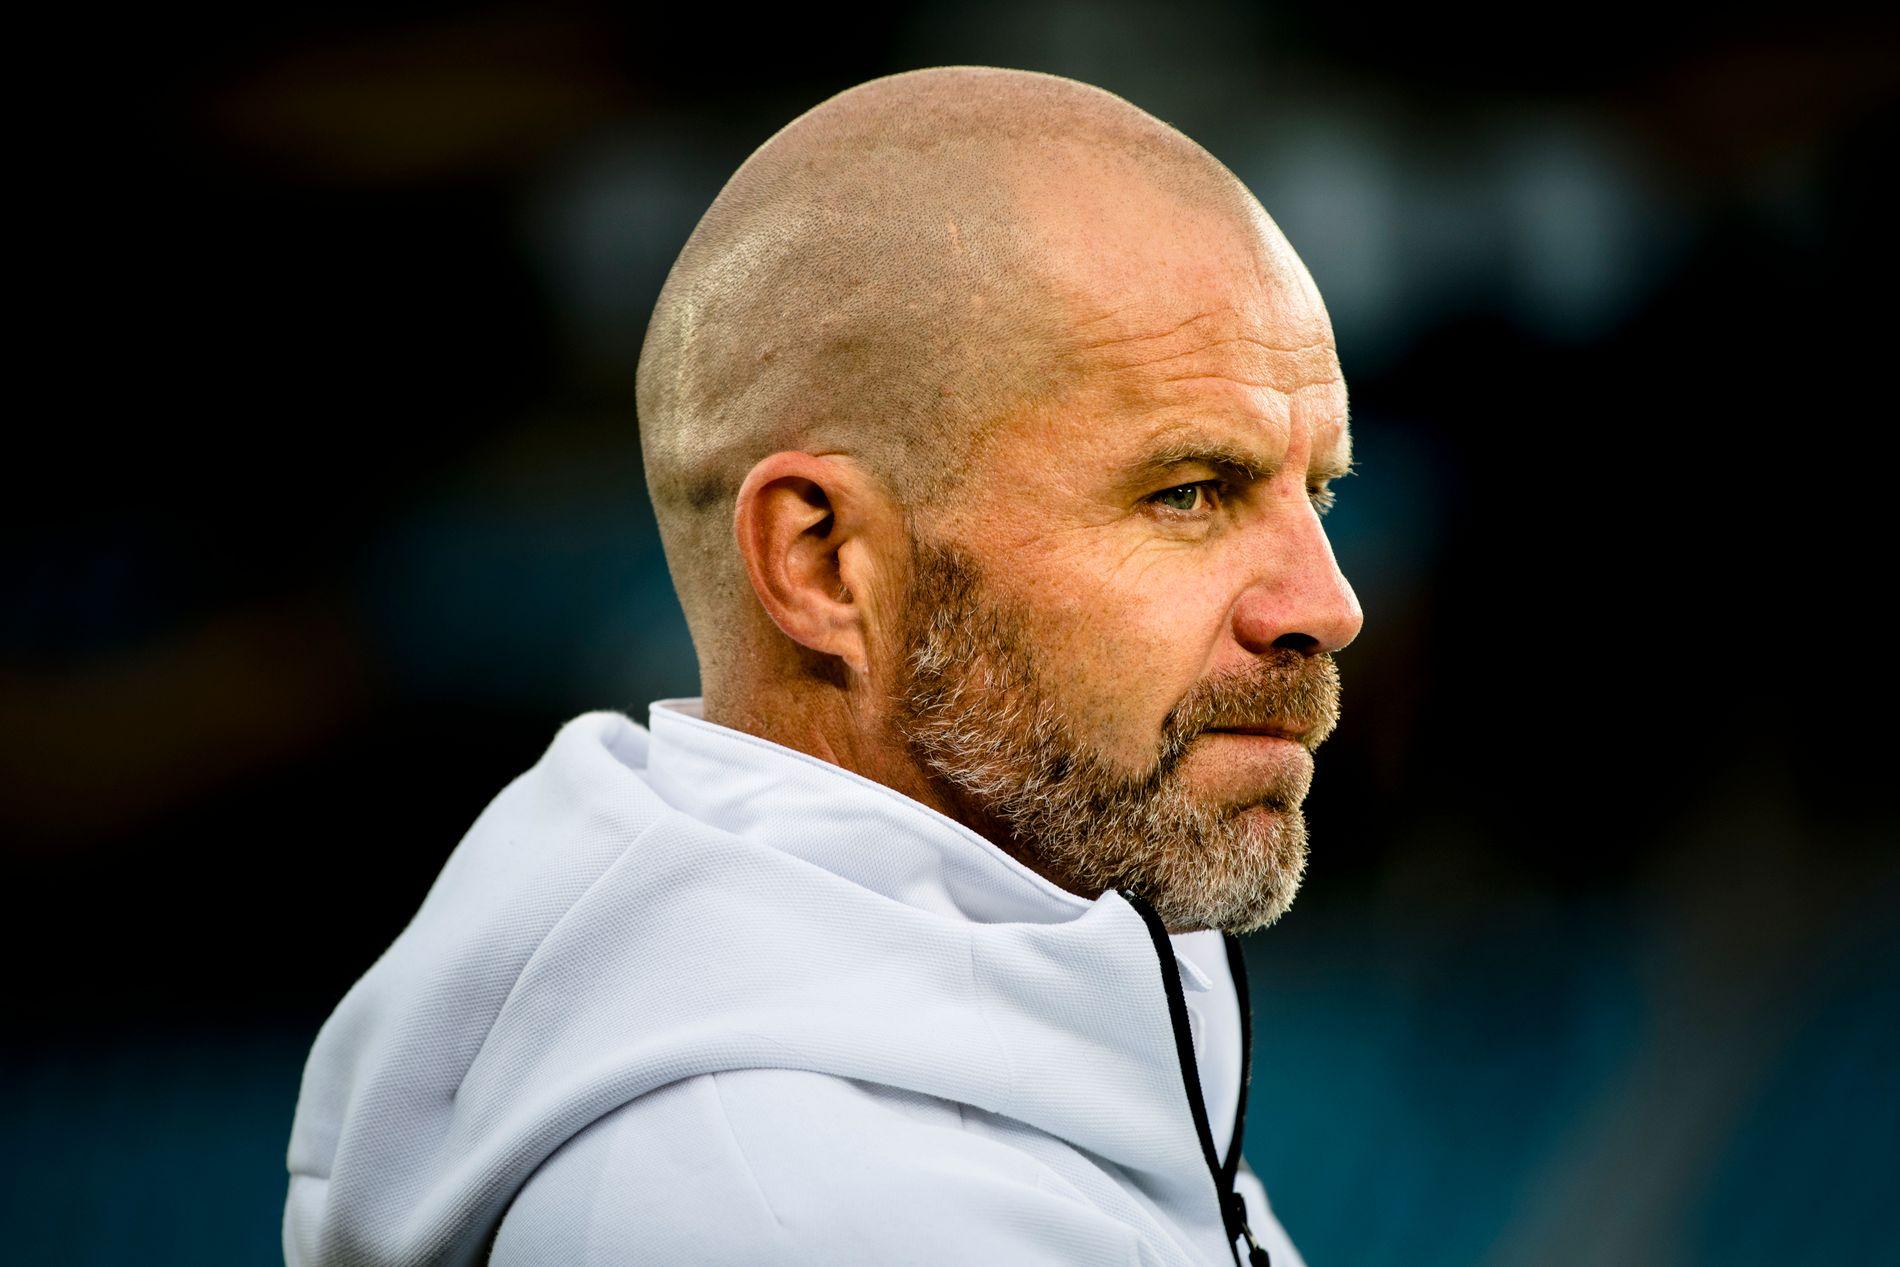 SPORTSLIG LEDER: Stig Inge Bjørnebye på trening med Rosenborg før møtet med Real Sociedad i Europa League forrige sesong.